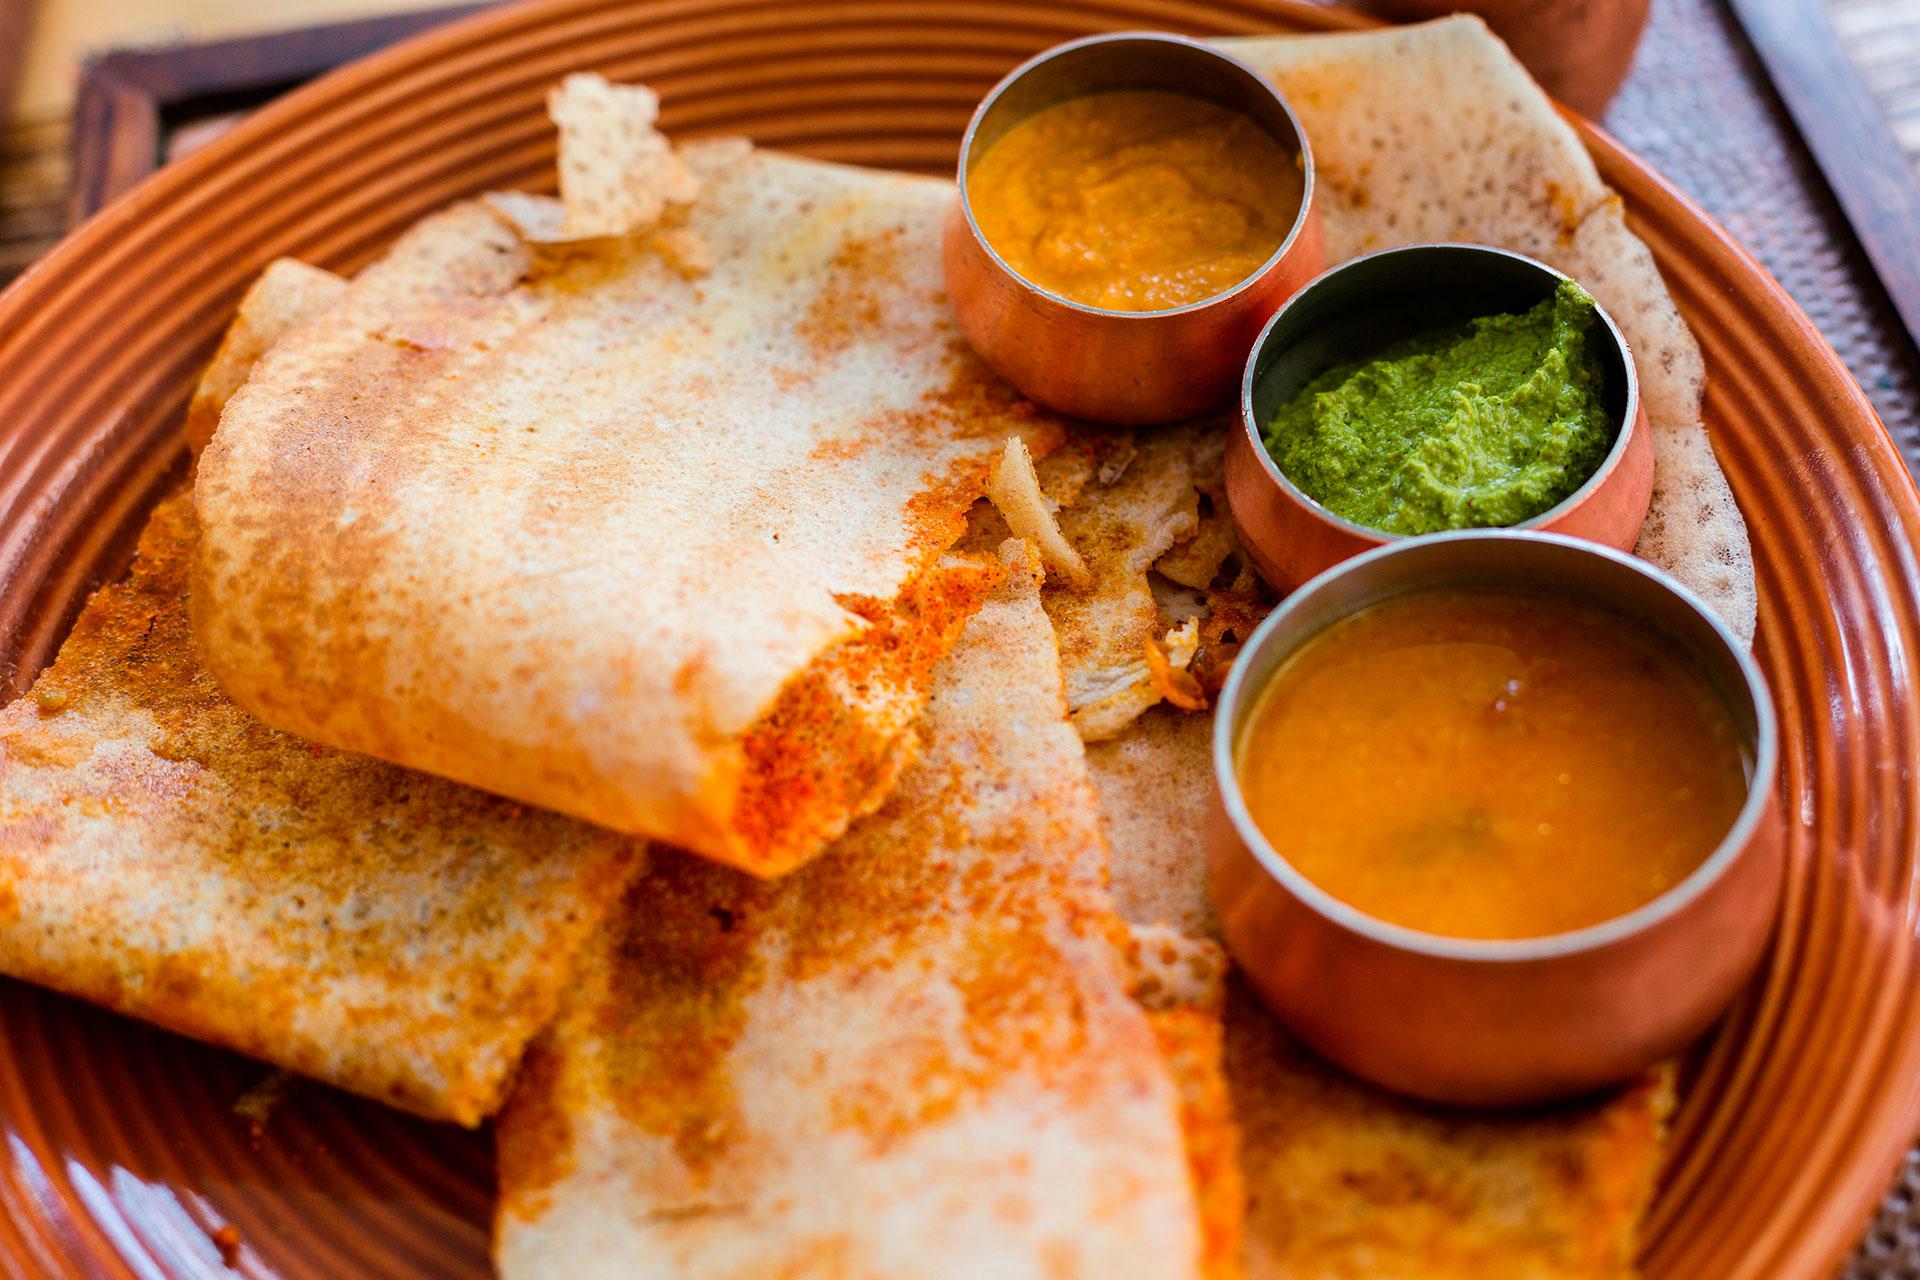 Por último, el masala dosa: una especie de crêpe indio crocante, de masa hecha de lentejas y arroz fermentados, que puede comerse solo o relleno